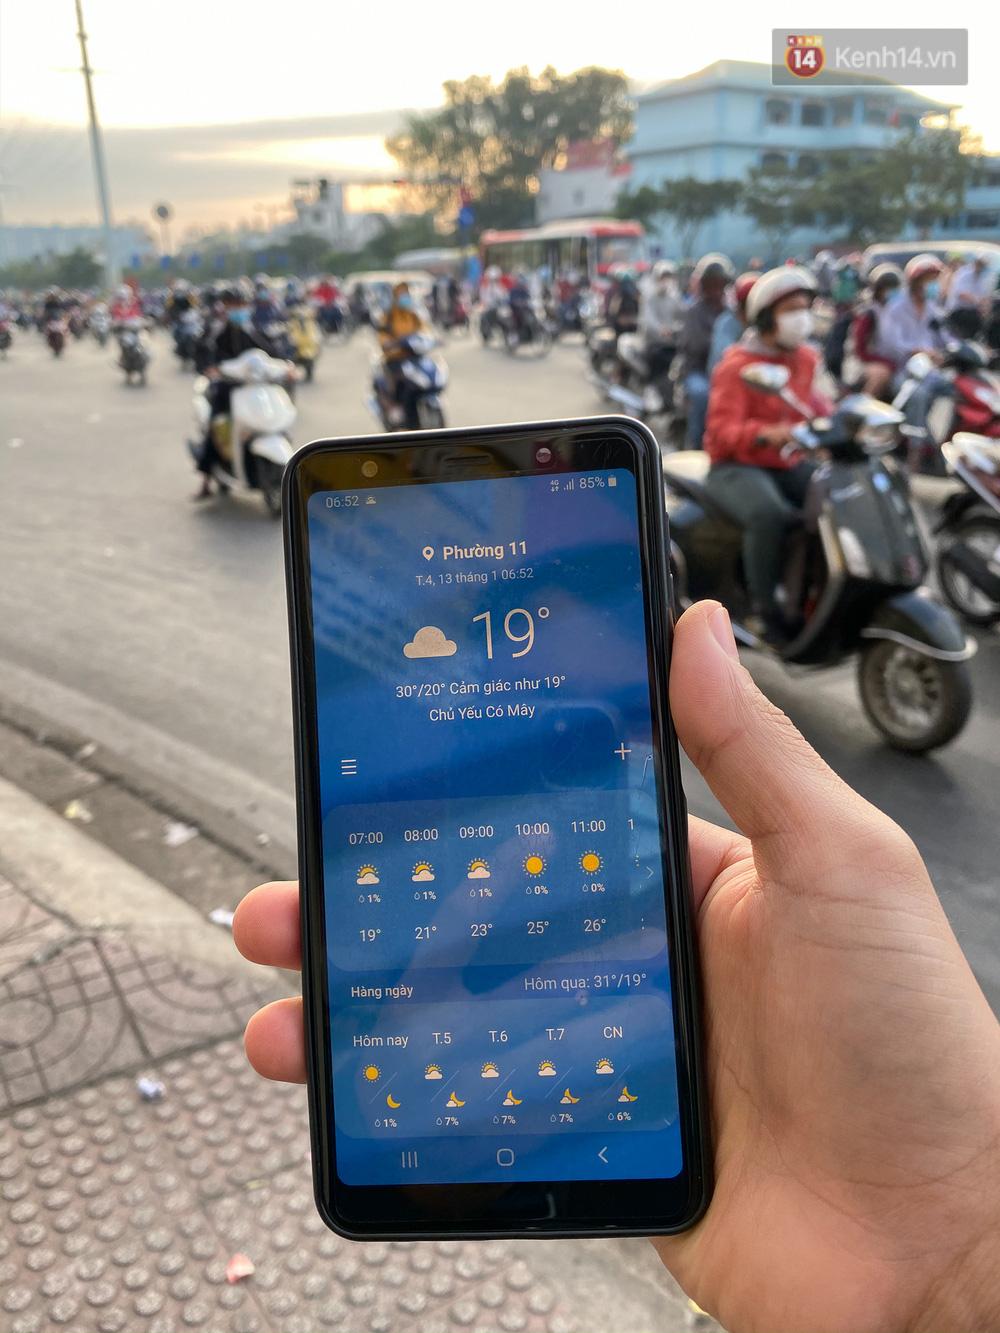 Lần đầu trong năm không khí giảm còn 19 độ, người Sài Gòn mặc áo ấm và quàng khăn vì lạnh - Ảnh 14.